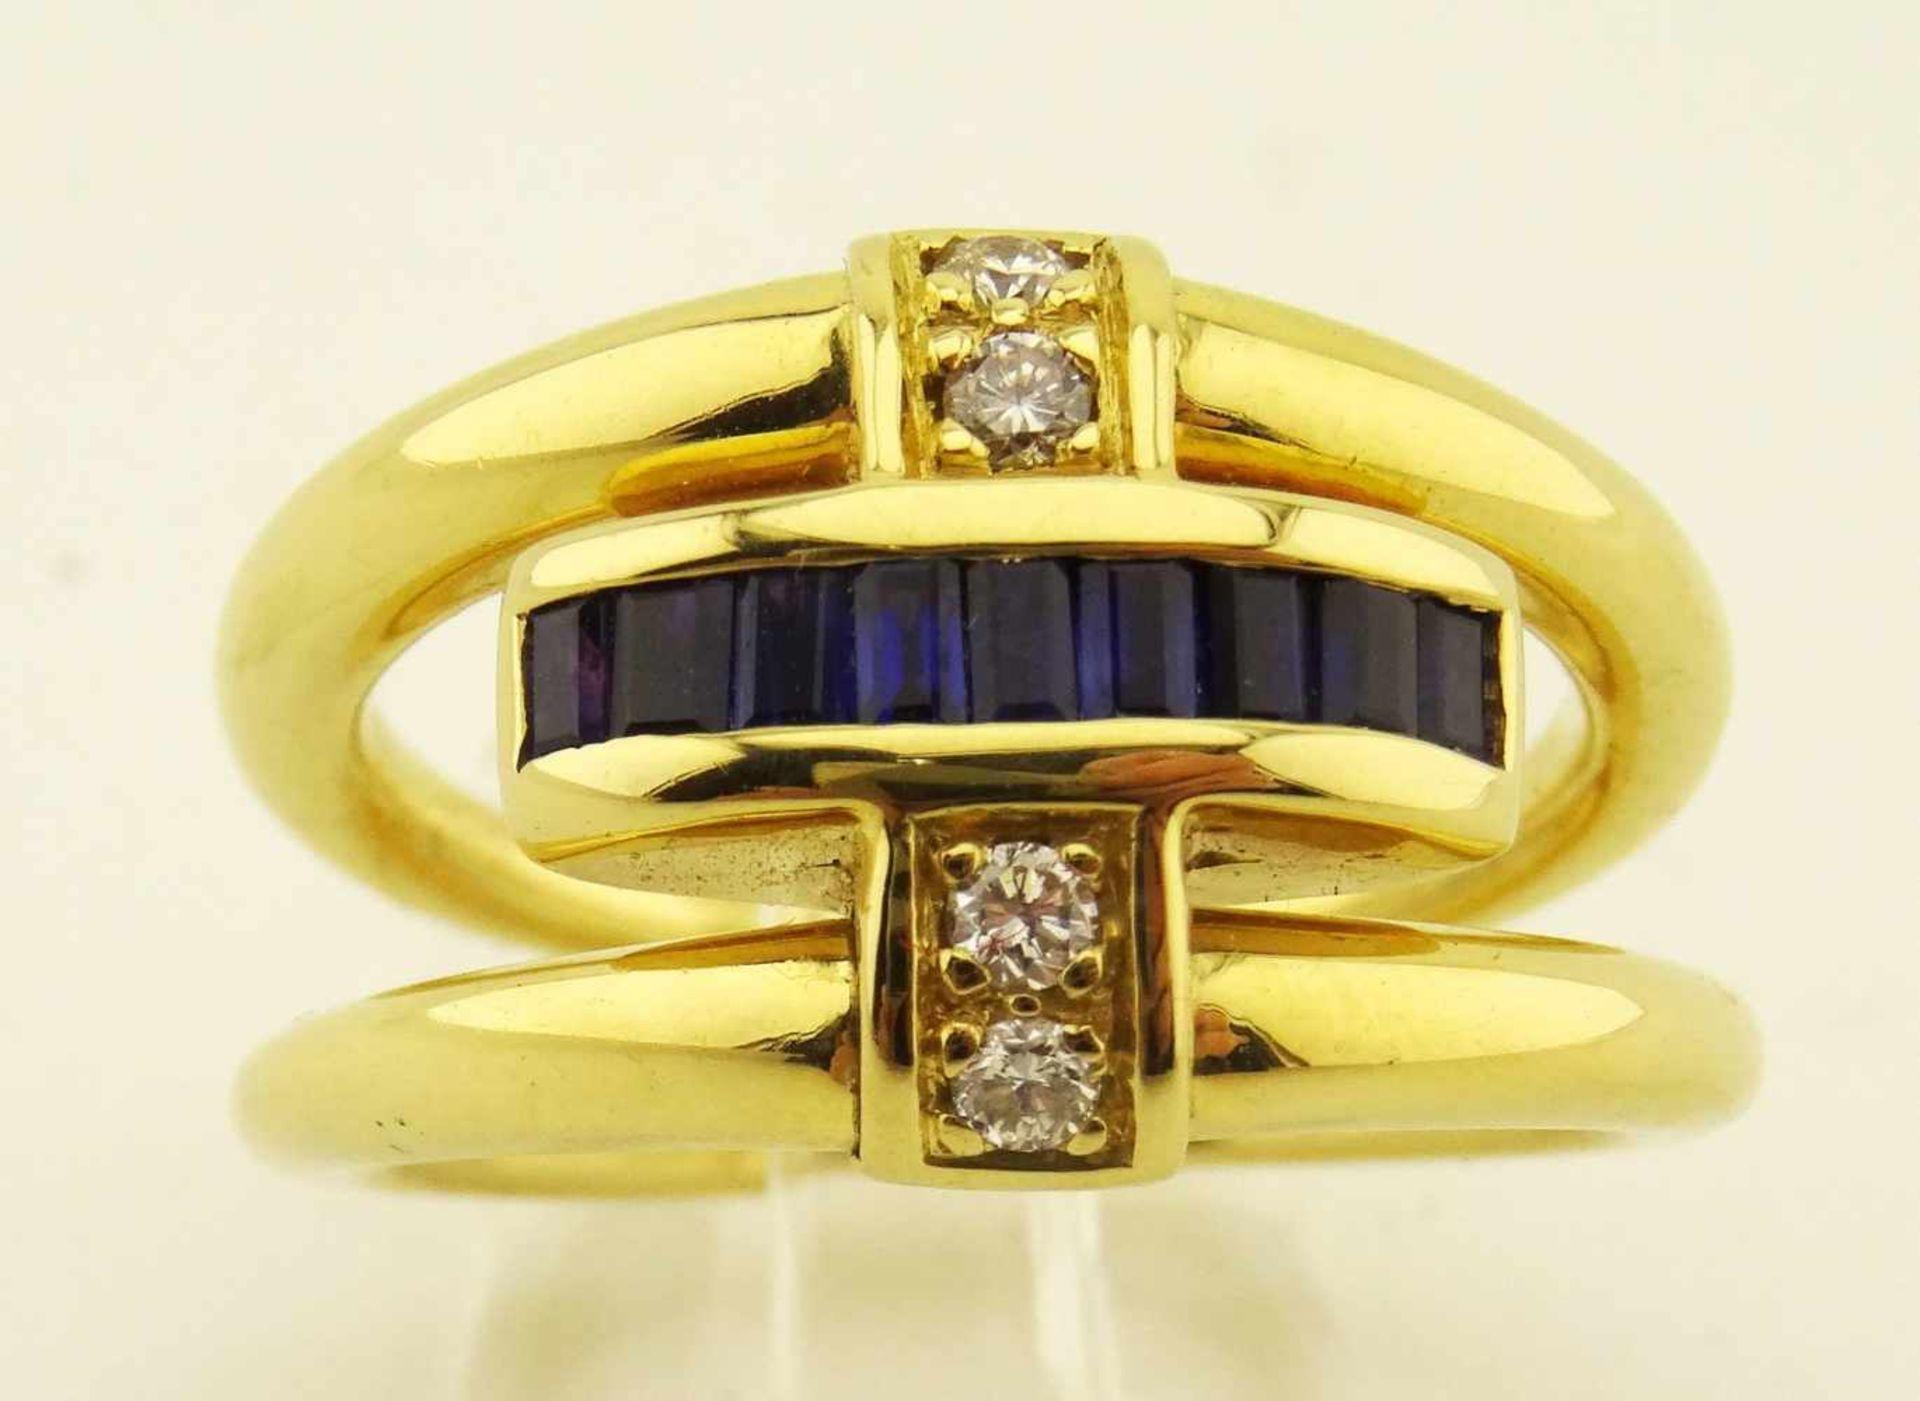 Los 49 - Damenring 750 Gold Wendering ausgefallener Wendering in 750 Gold mit Rubin oder Safir in